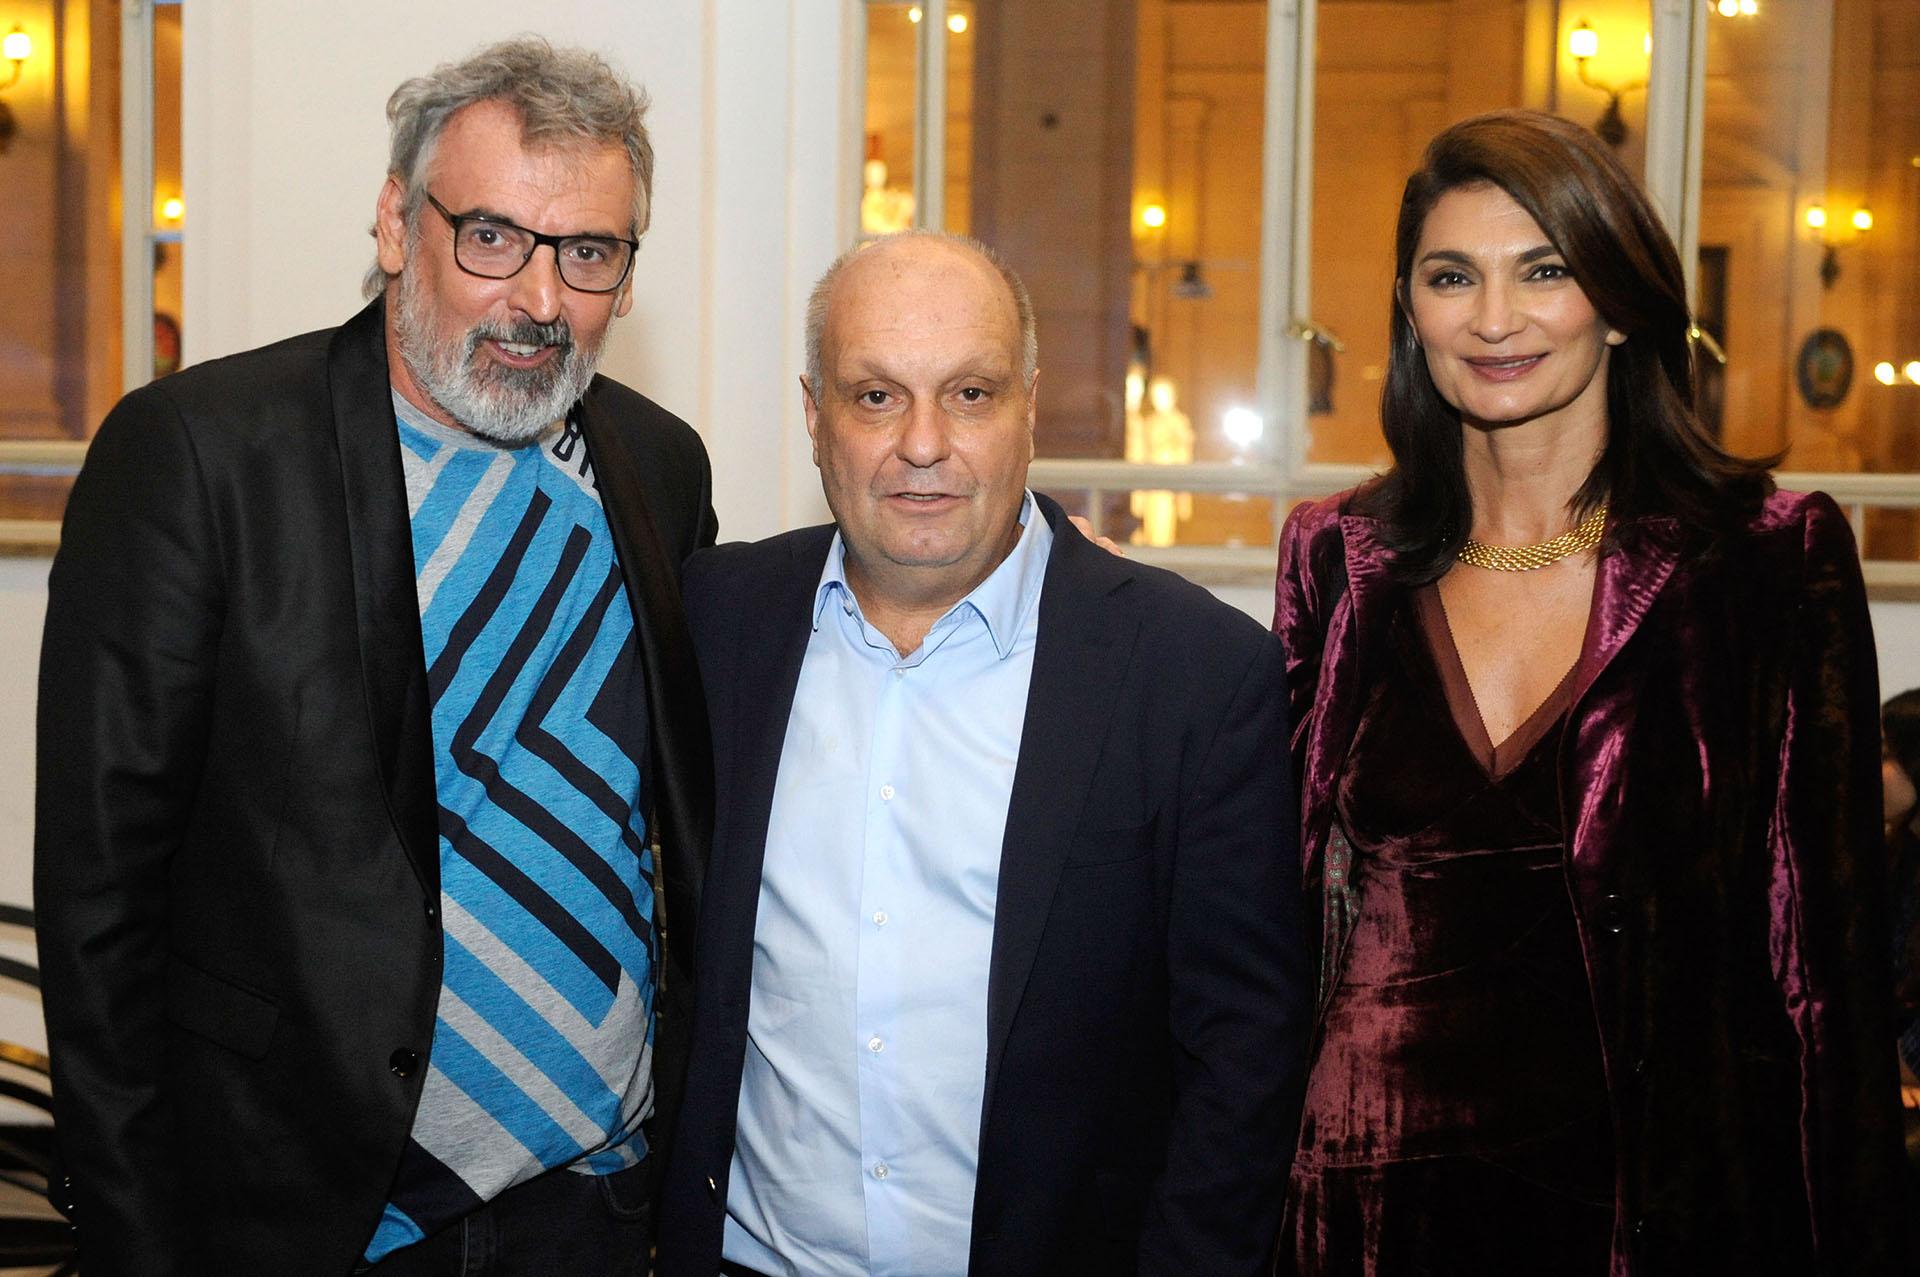 Varias figuras comoBenito Fernández, el ministro Hernán Lombardi y Mariana Arias fueron testigos del increíble trabajo de Jean Paul Gaultier presentado en Buenos Aires